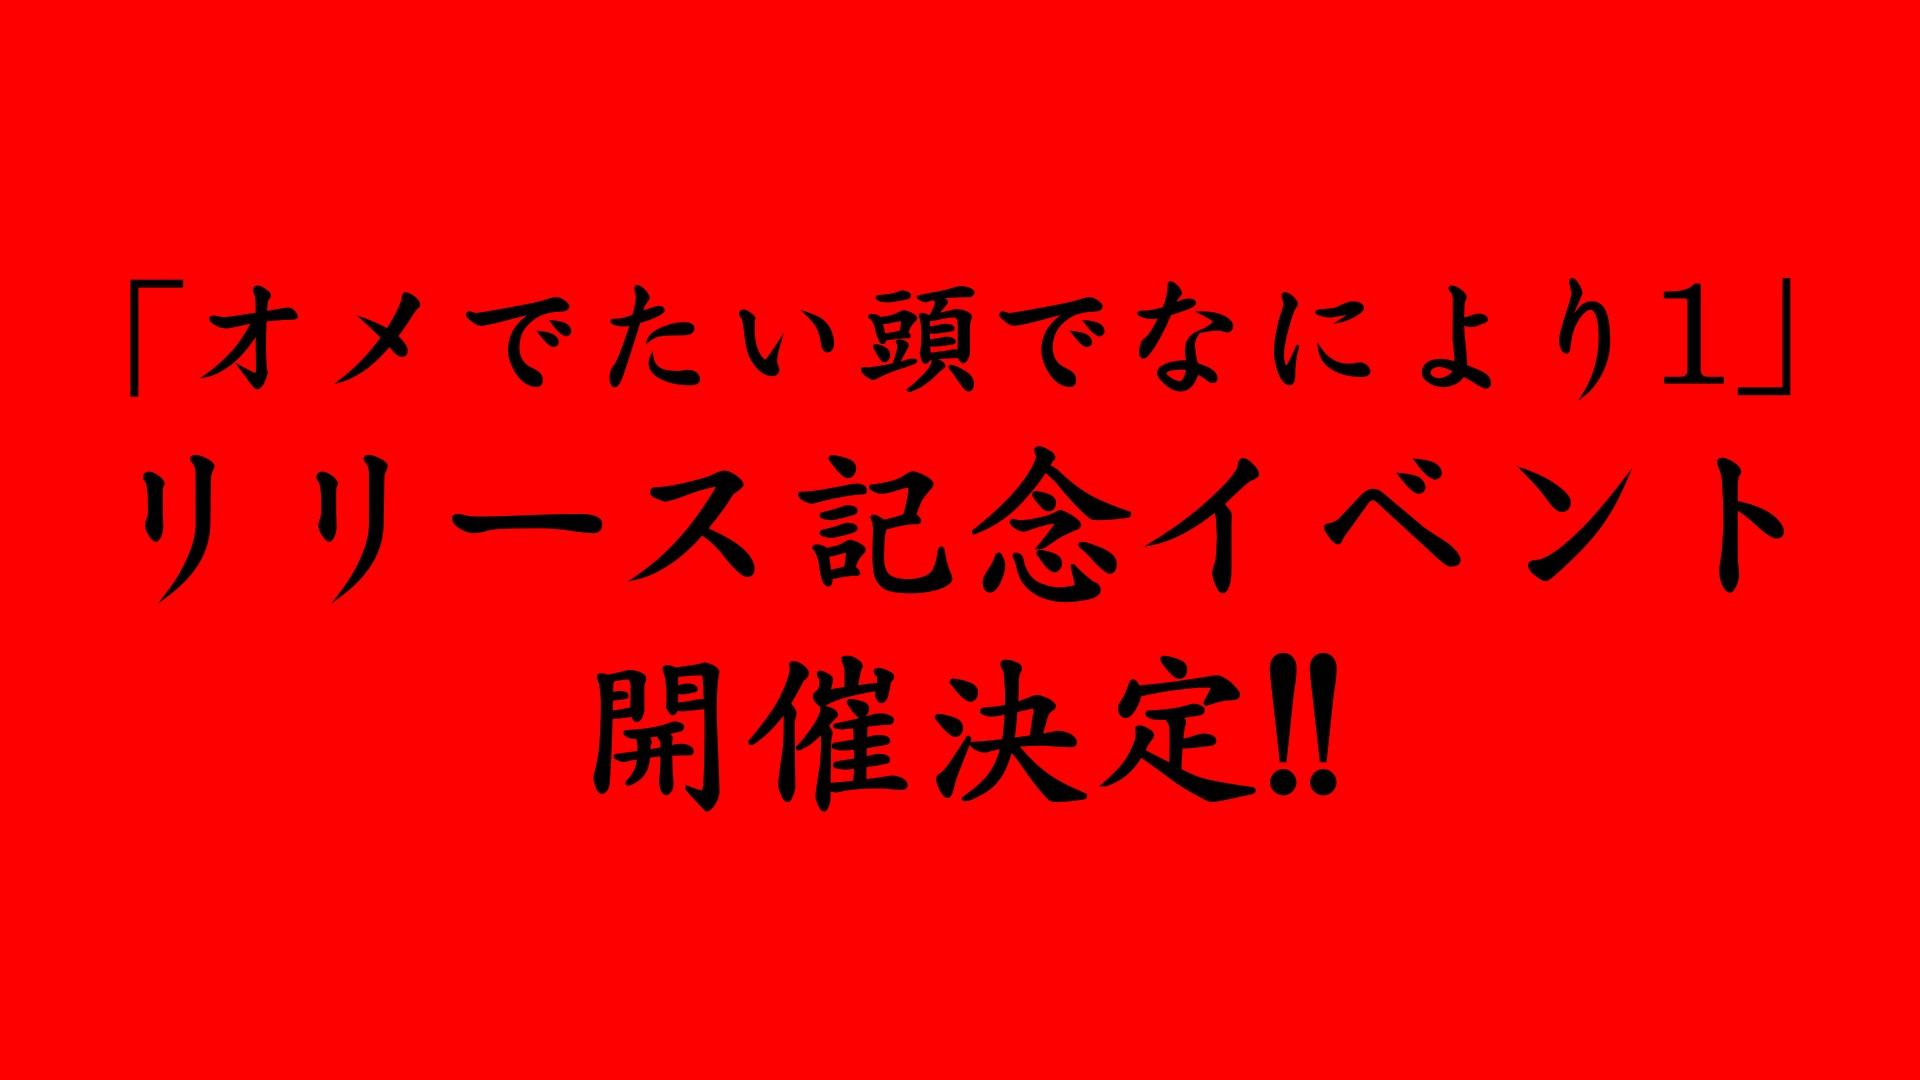 アルバムリリース記念イベント開催決定!